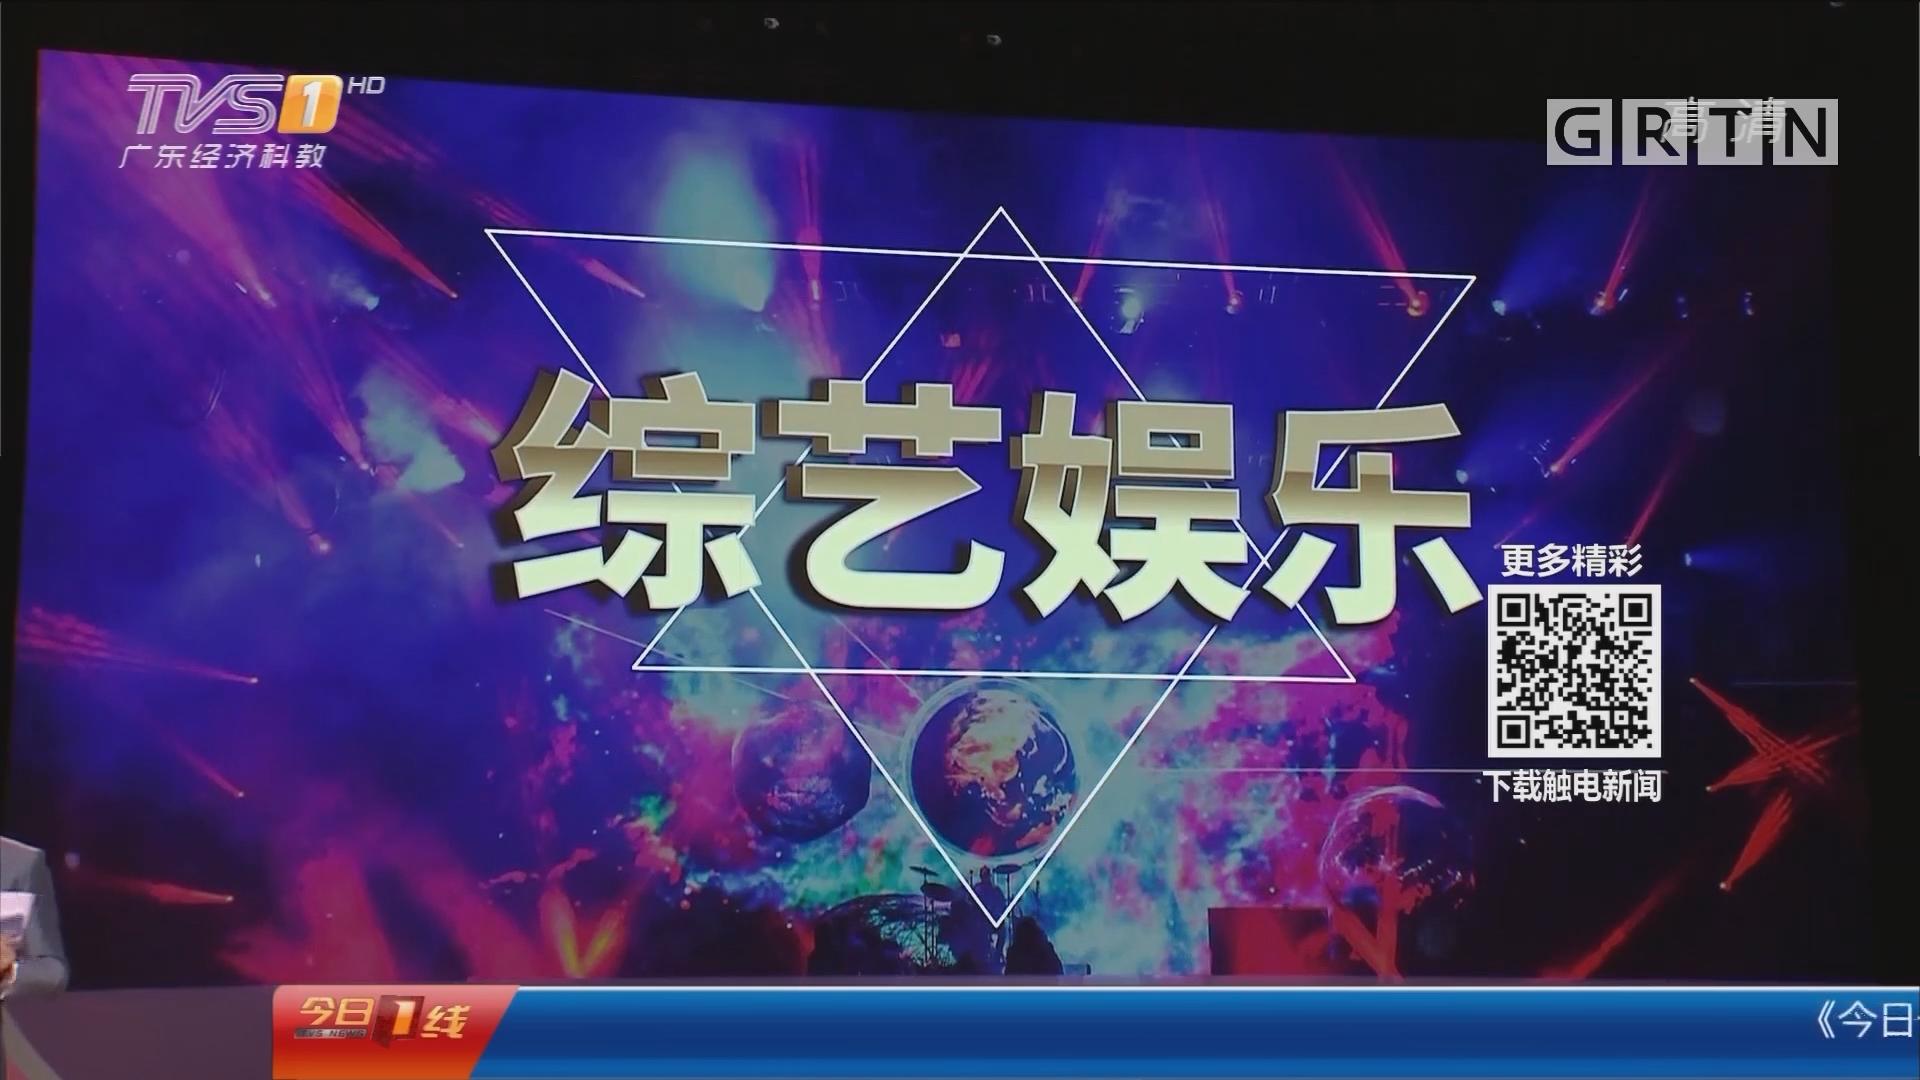 广东:开启以4K为核心的消费升级和产业转型